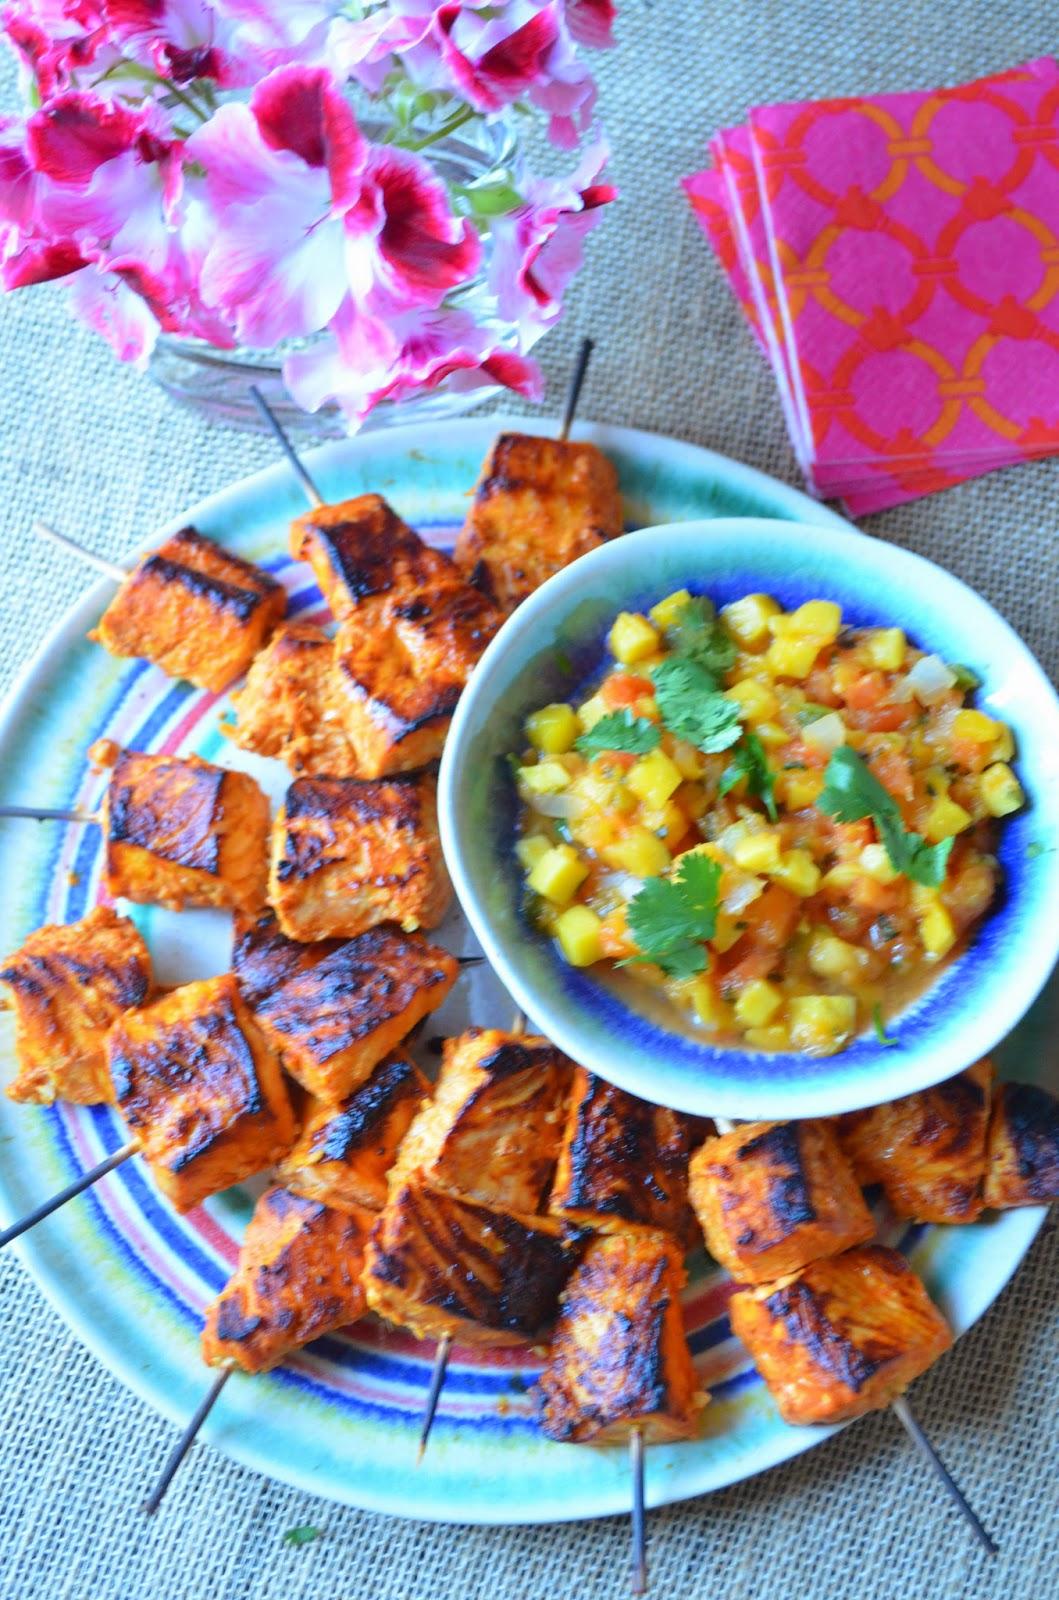 Entertaining From an Ethnic Indian Kitchen Tandoori Fish Tikka